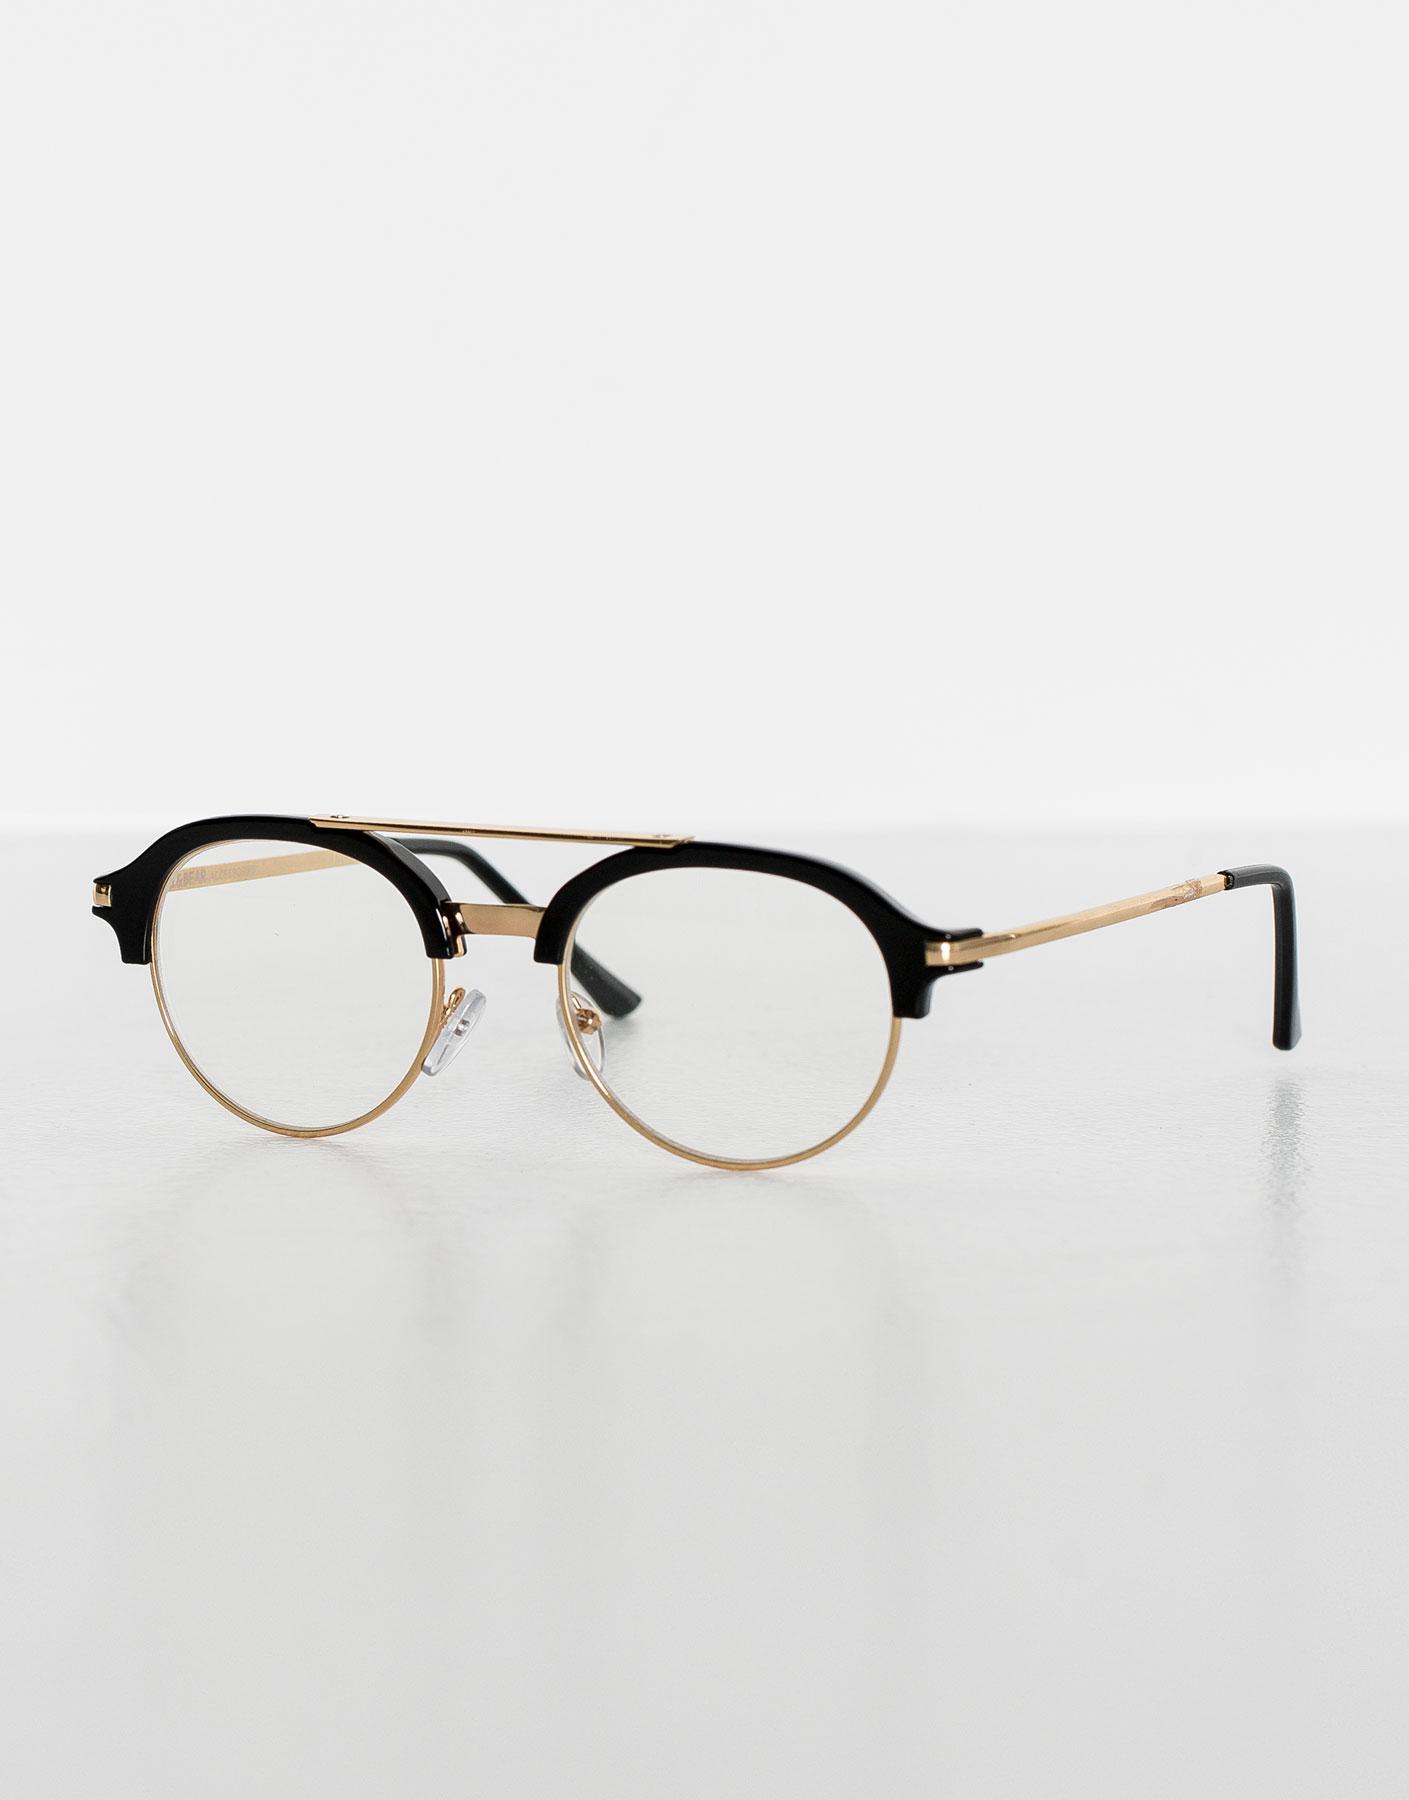 Gafa lentes transparentes